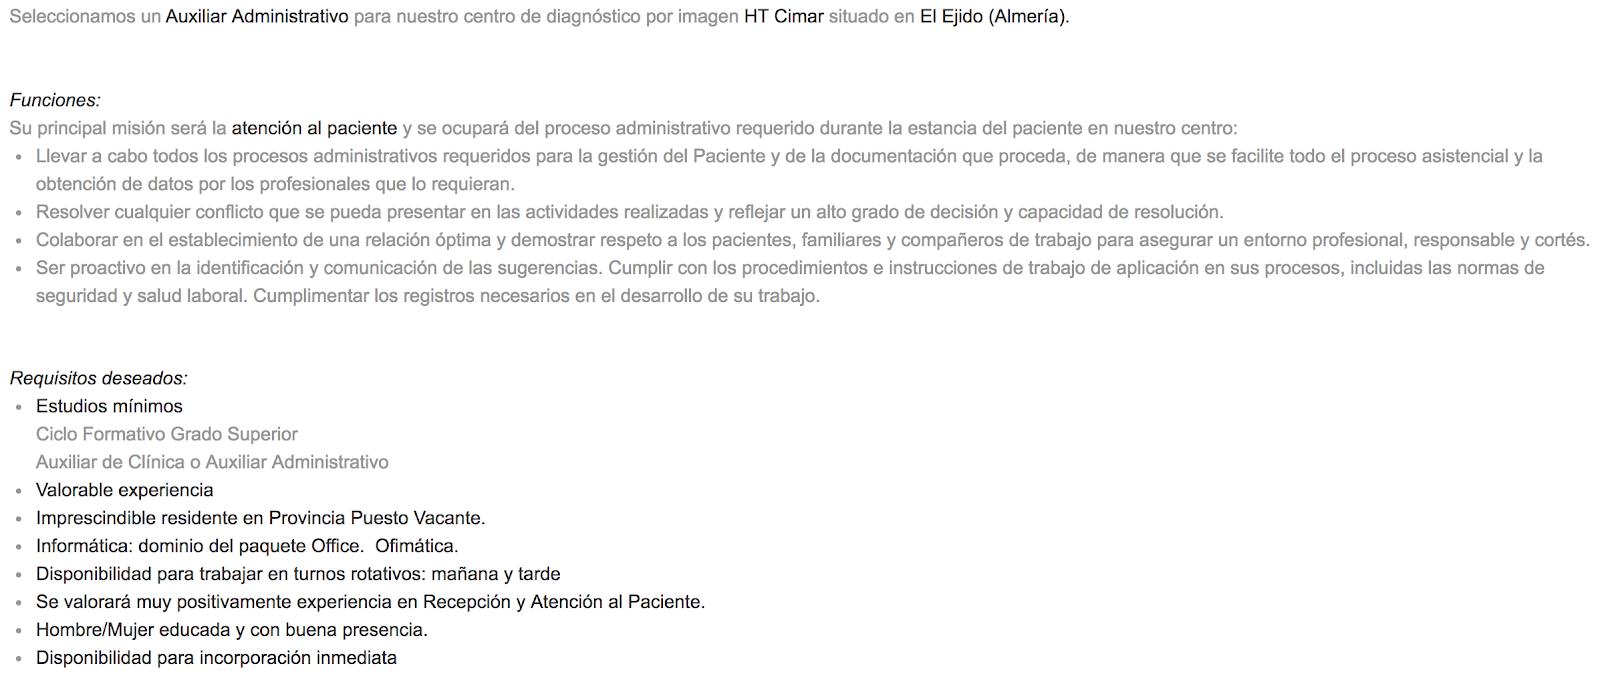 Ofertas de Empleo en España - photo#38